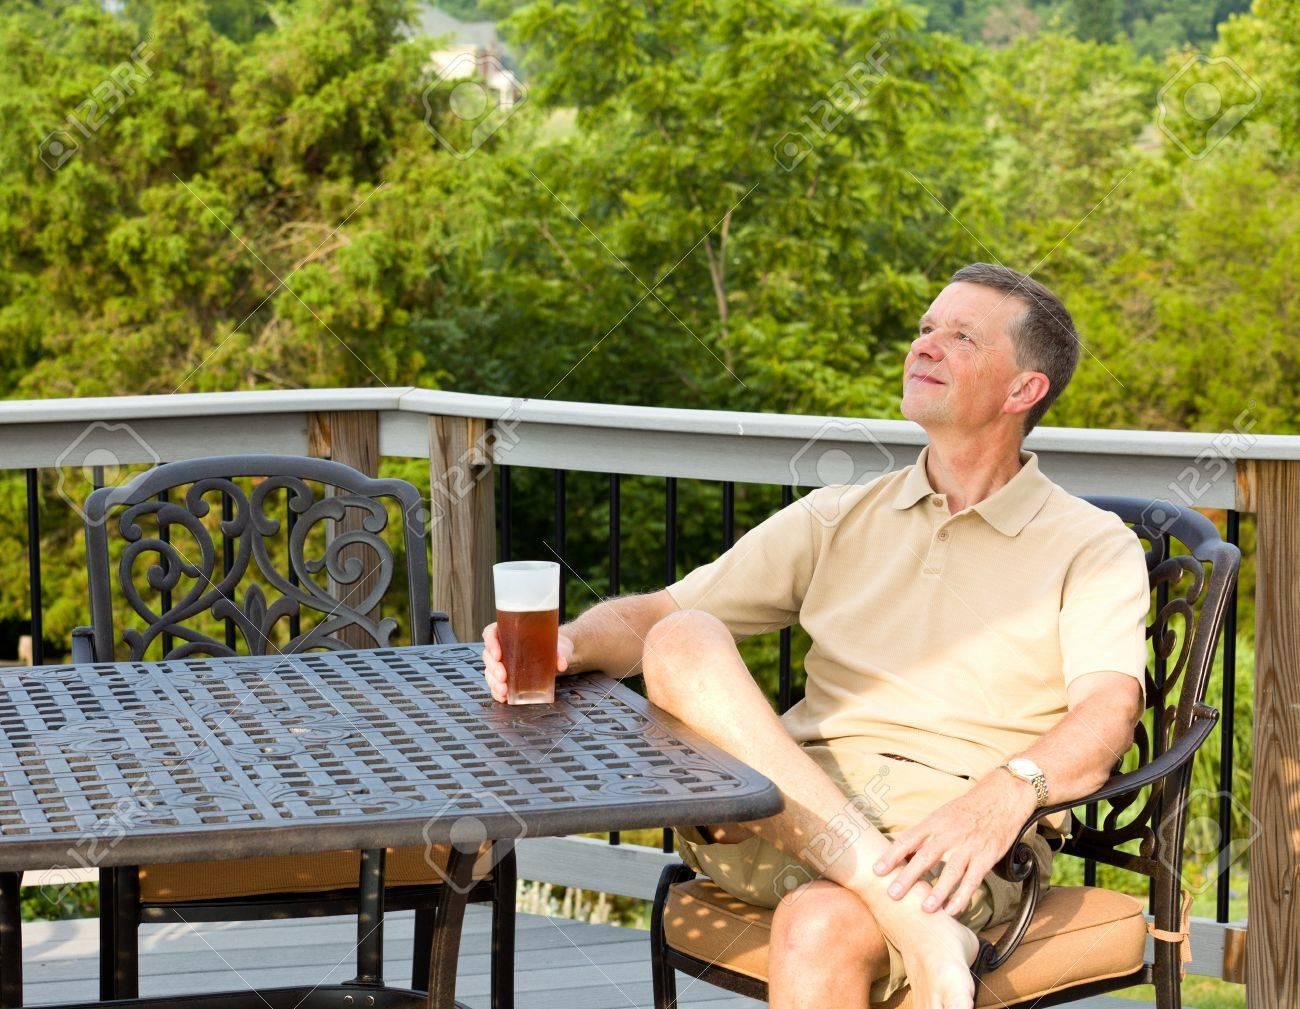 Moyen homme âgé assis sur la table de jardin en fonte d\'aluminium sur le  pont et en buvant un verre de bière dans le jardin